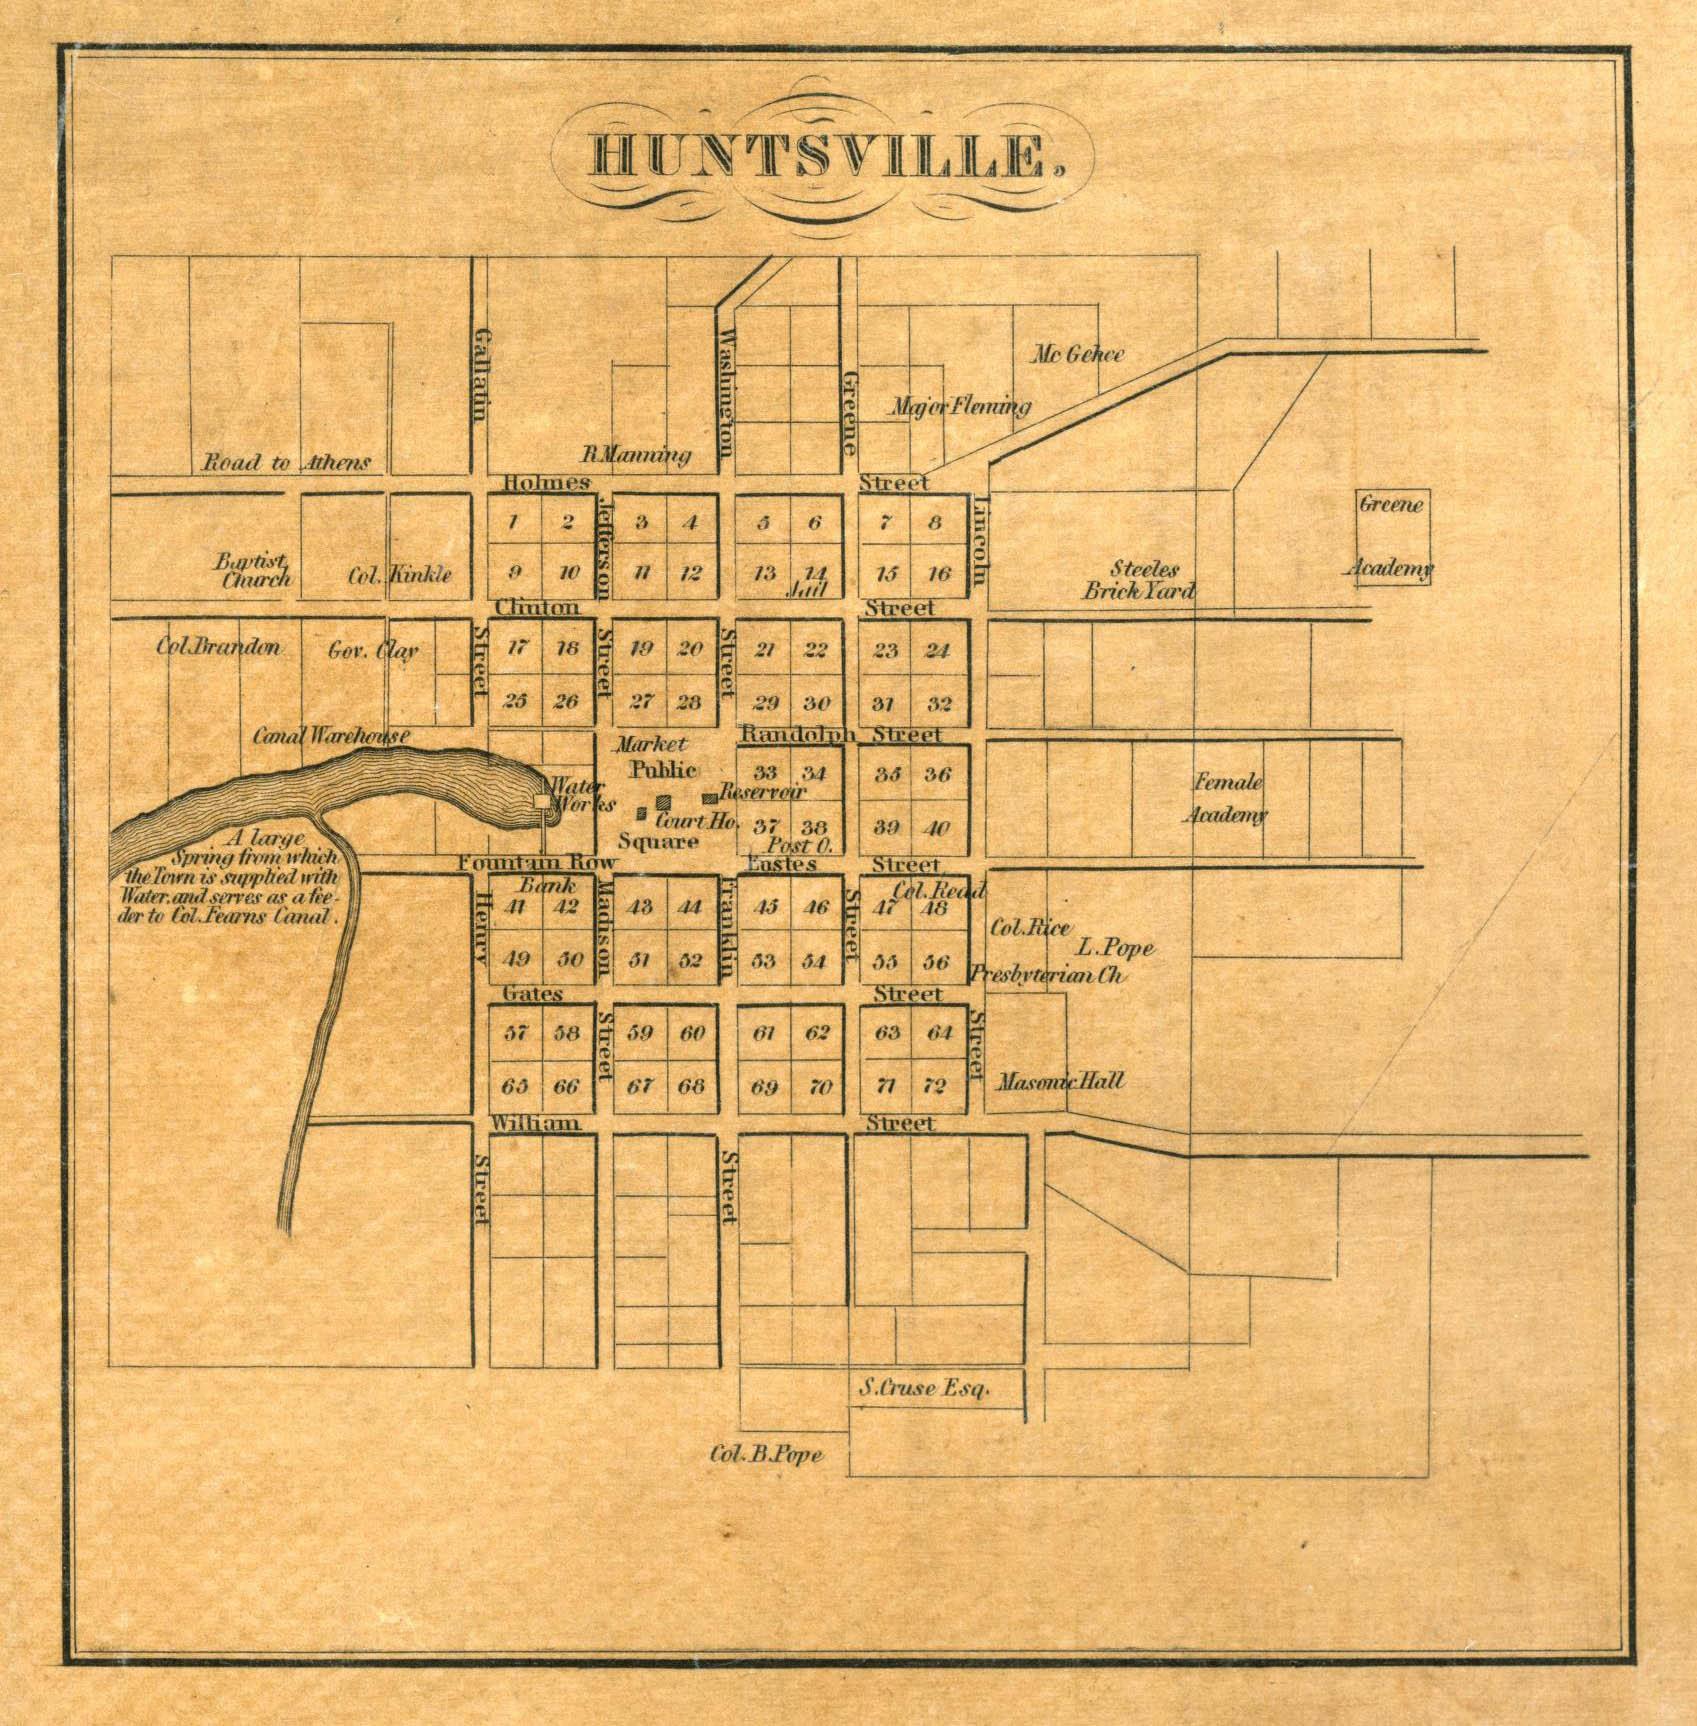 File:1840 Map of Huntsville, Alabama.jpeg - Wikimedia Commons